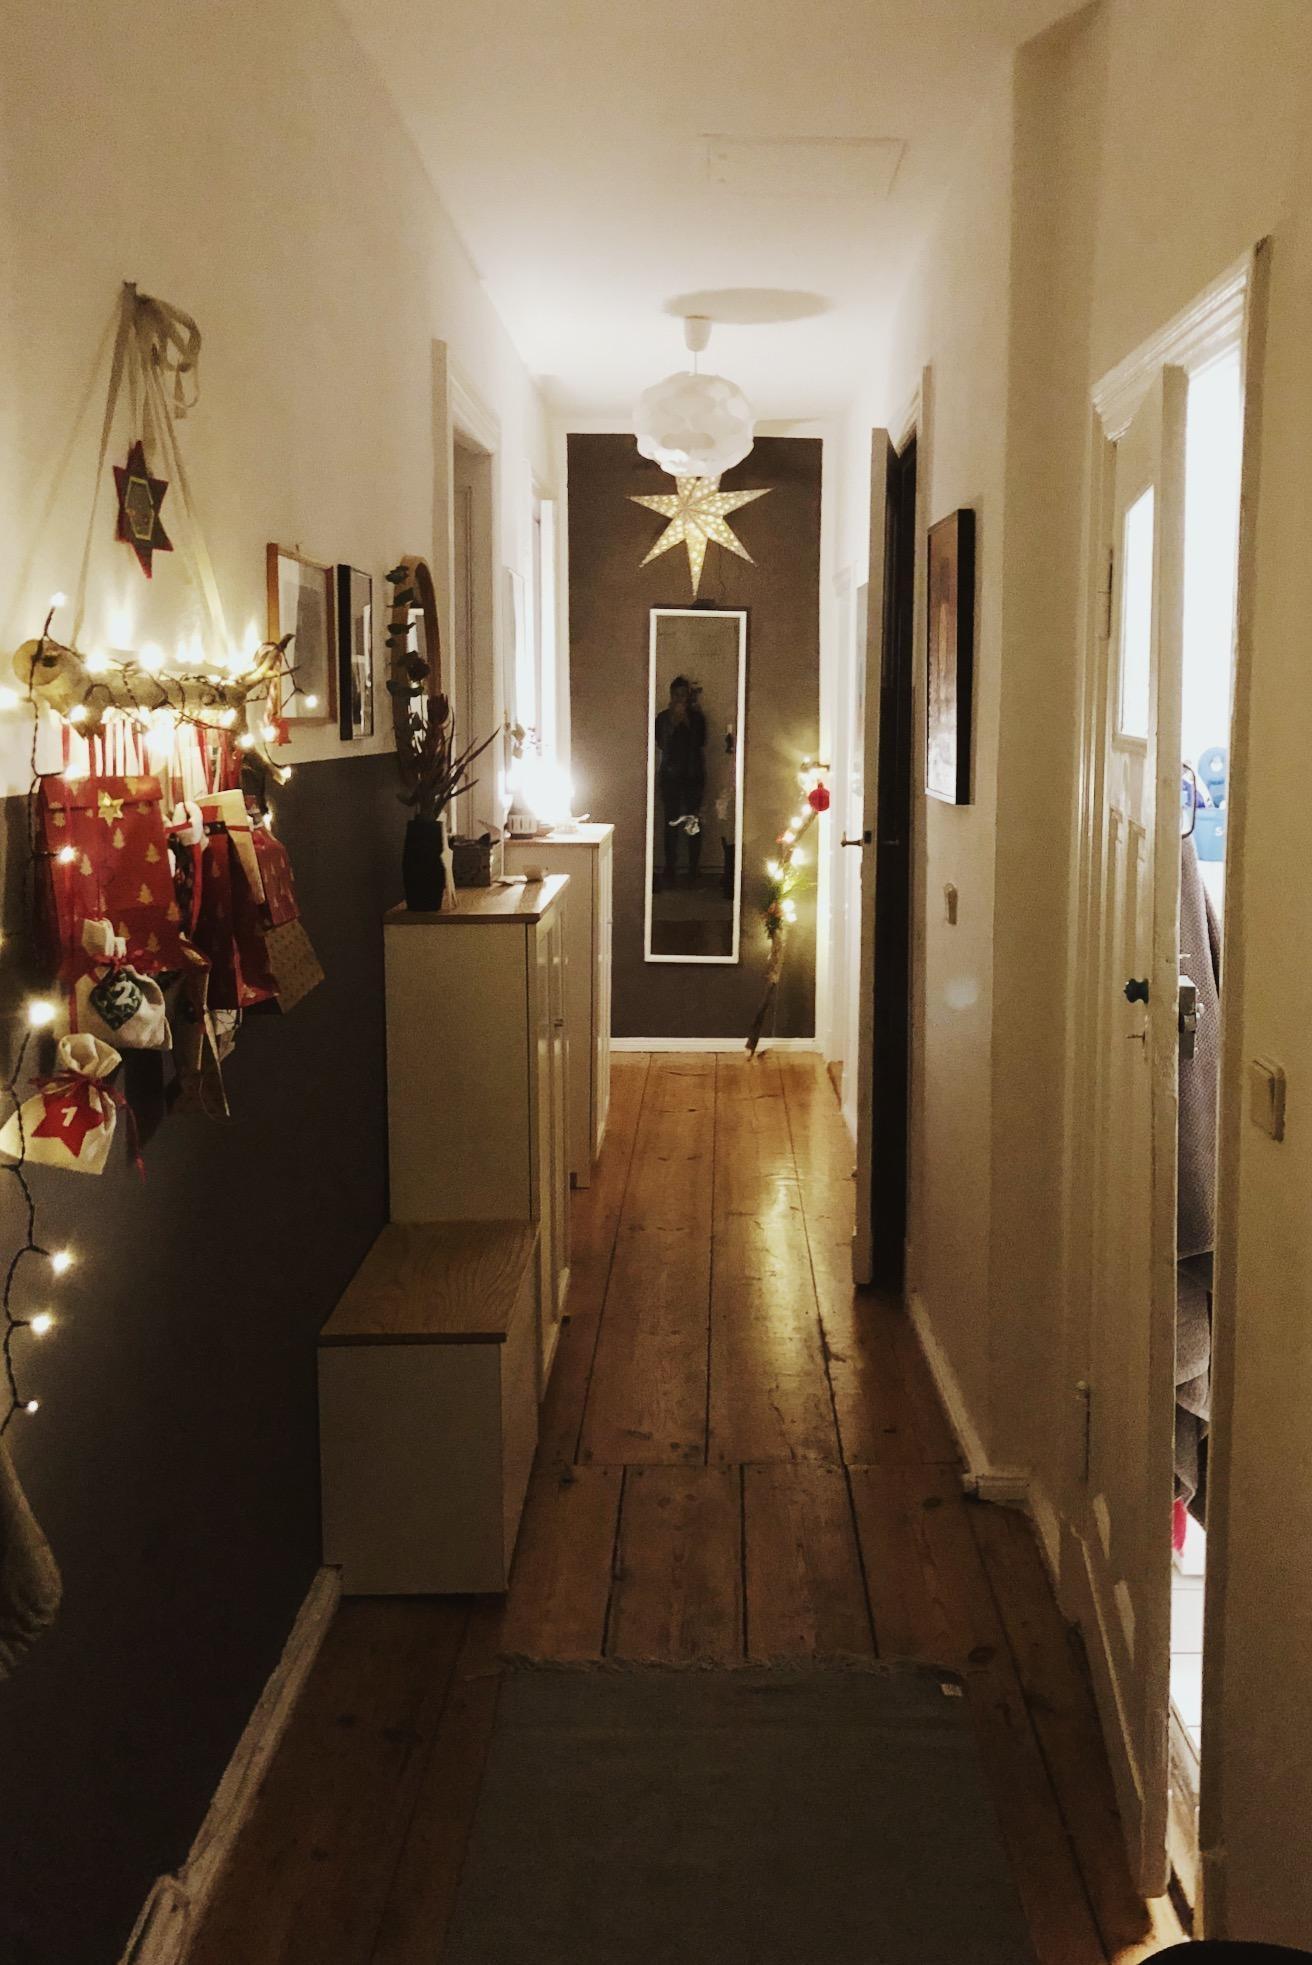 weihnachtsdeko im flur mir pers nlich zu viel aber. Black Bedroom Furniture Sets. Home Design Ideas